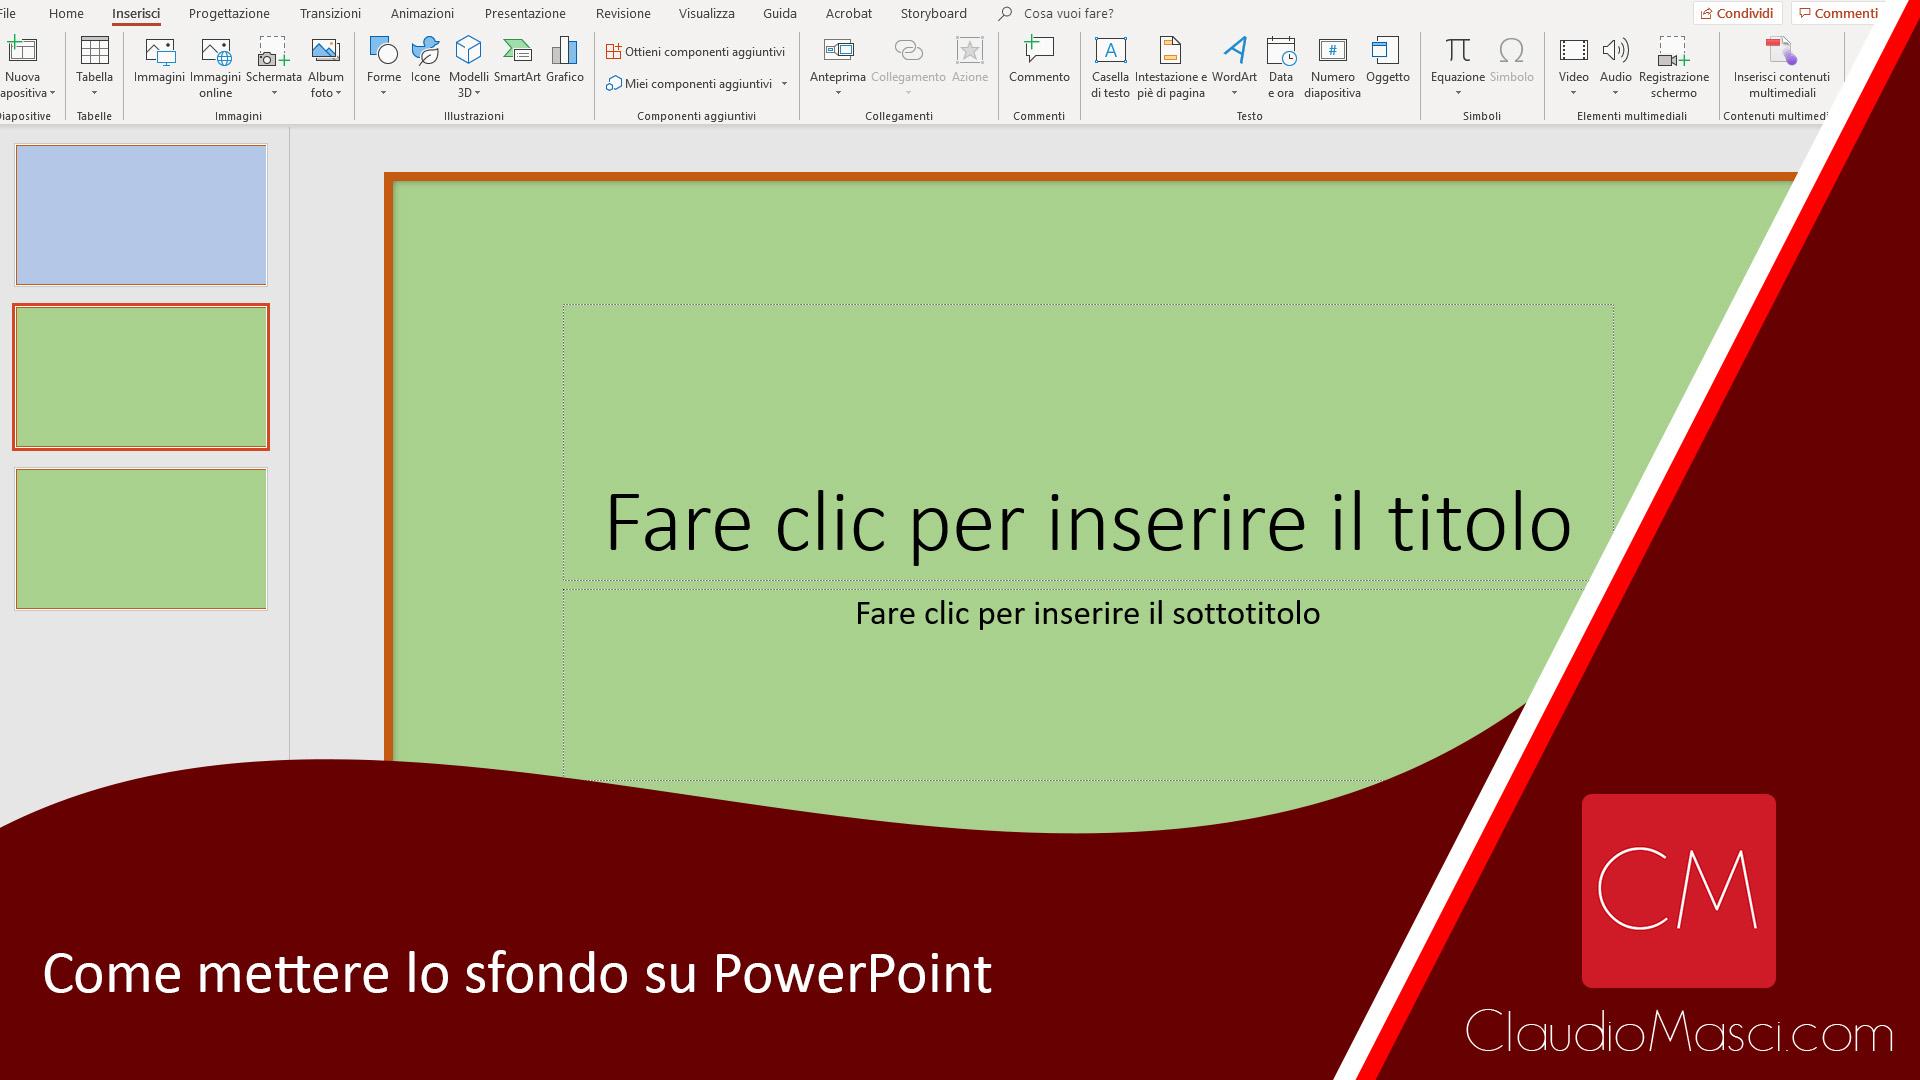 Come mettere lo sfondo su PowerPoint